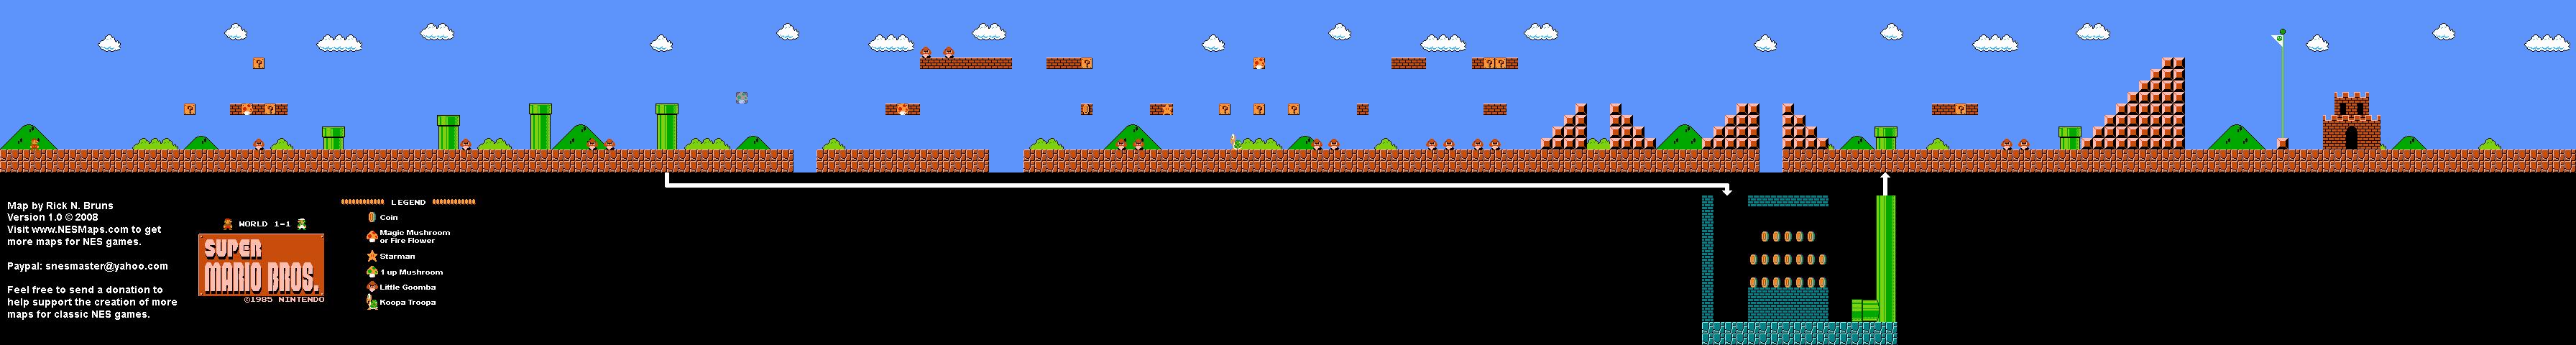 Super Mario Bros - Level 1